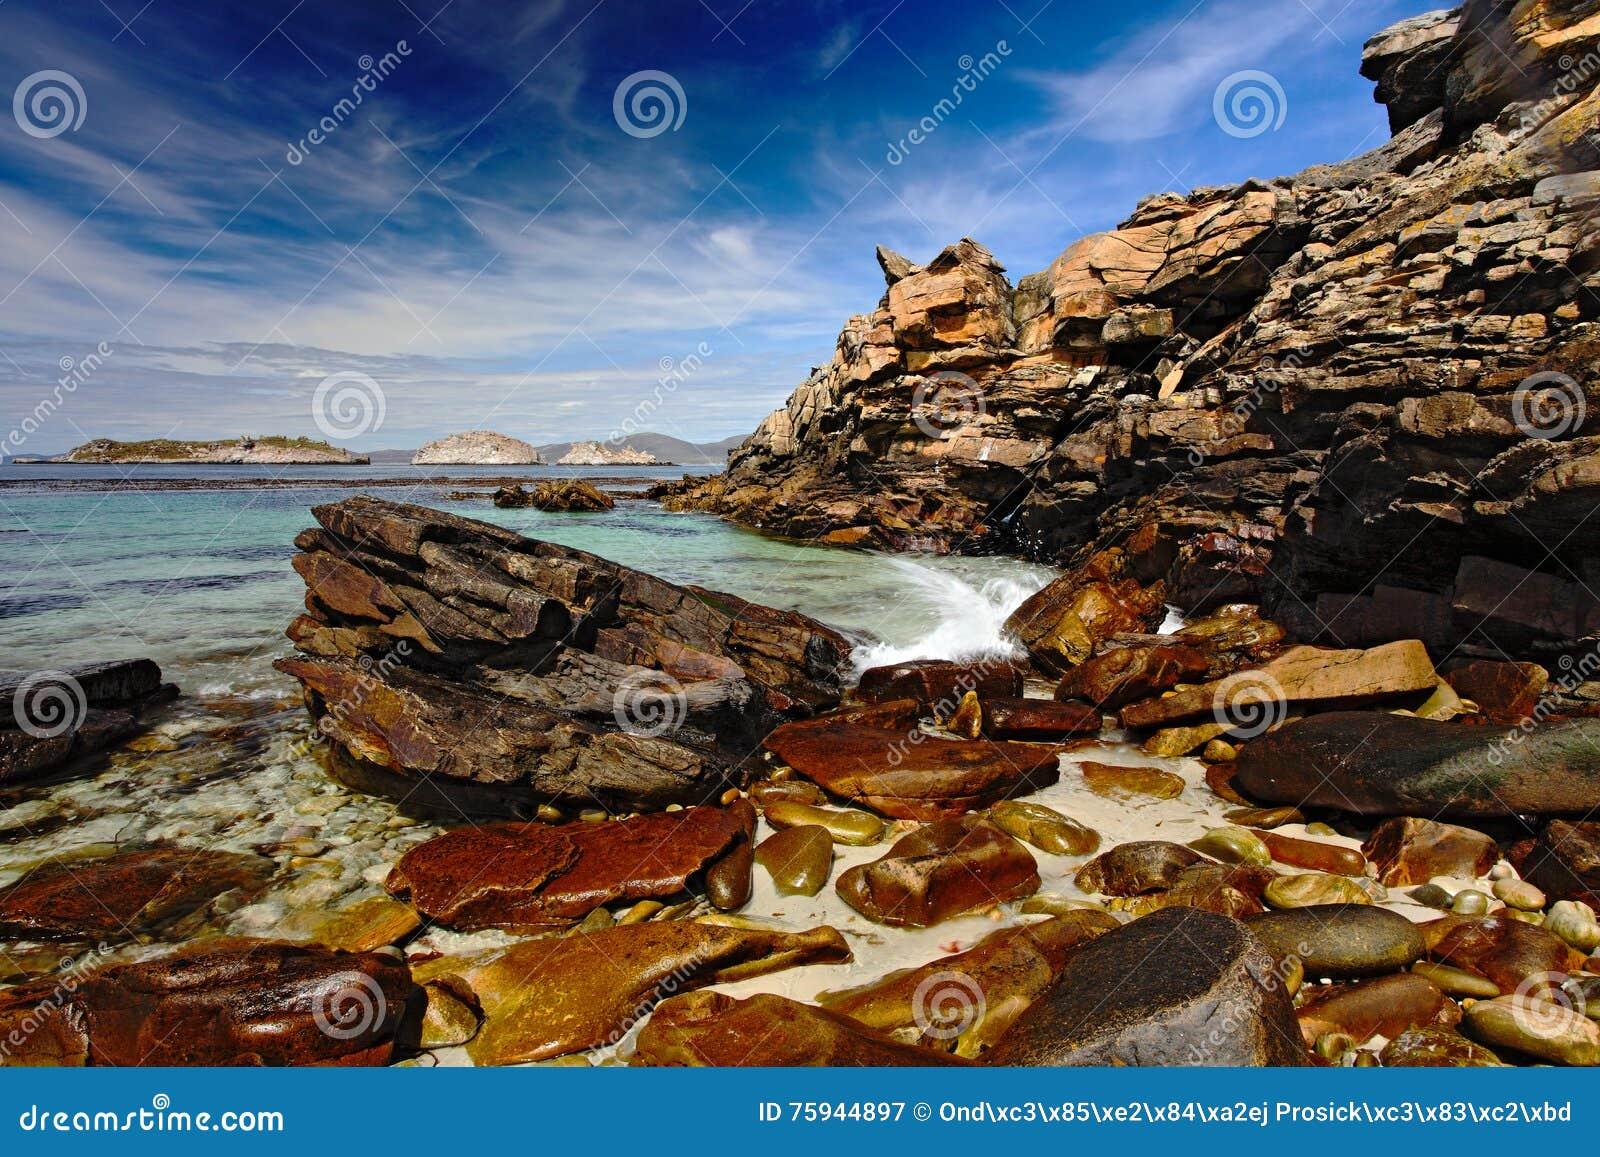 Costa rochosa com obscuridade - céu azul com nuvens brancas Mar com obscuridade - céu azul Pedras no mar Costa do oceano com prai